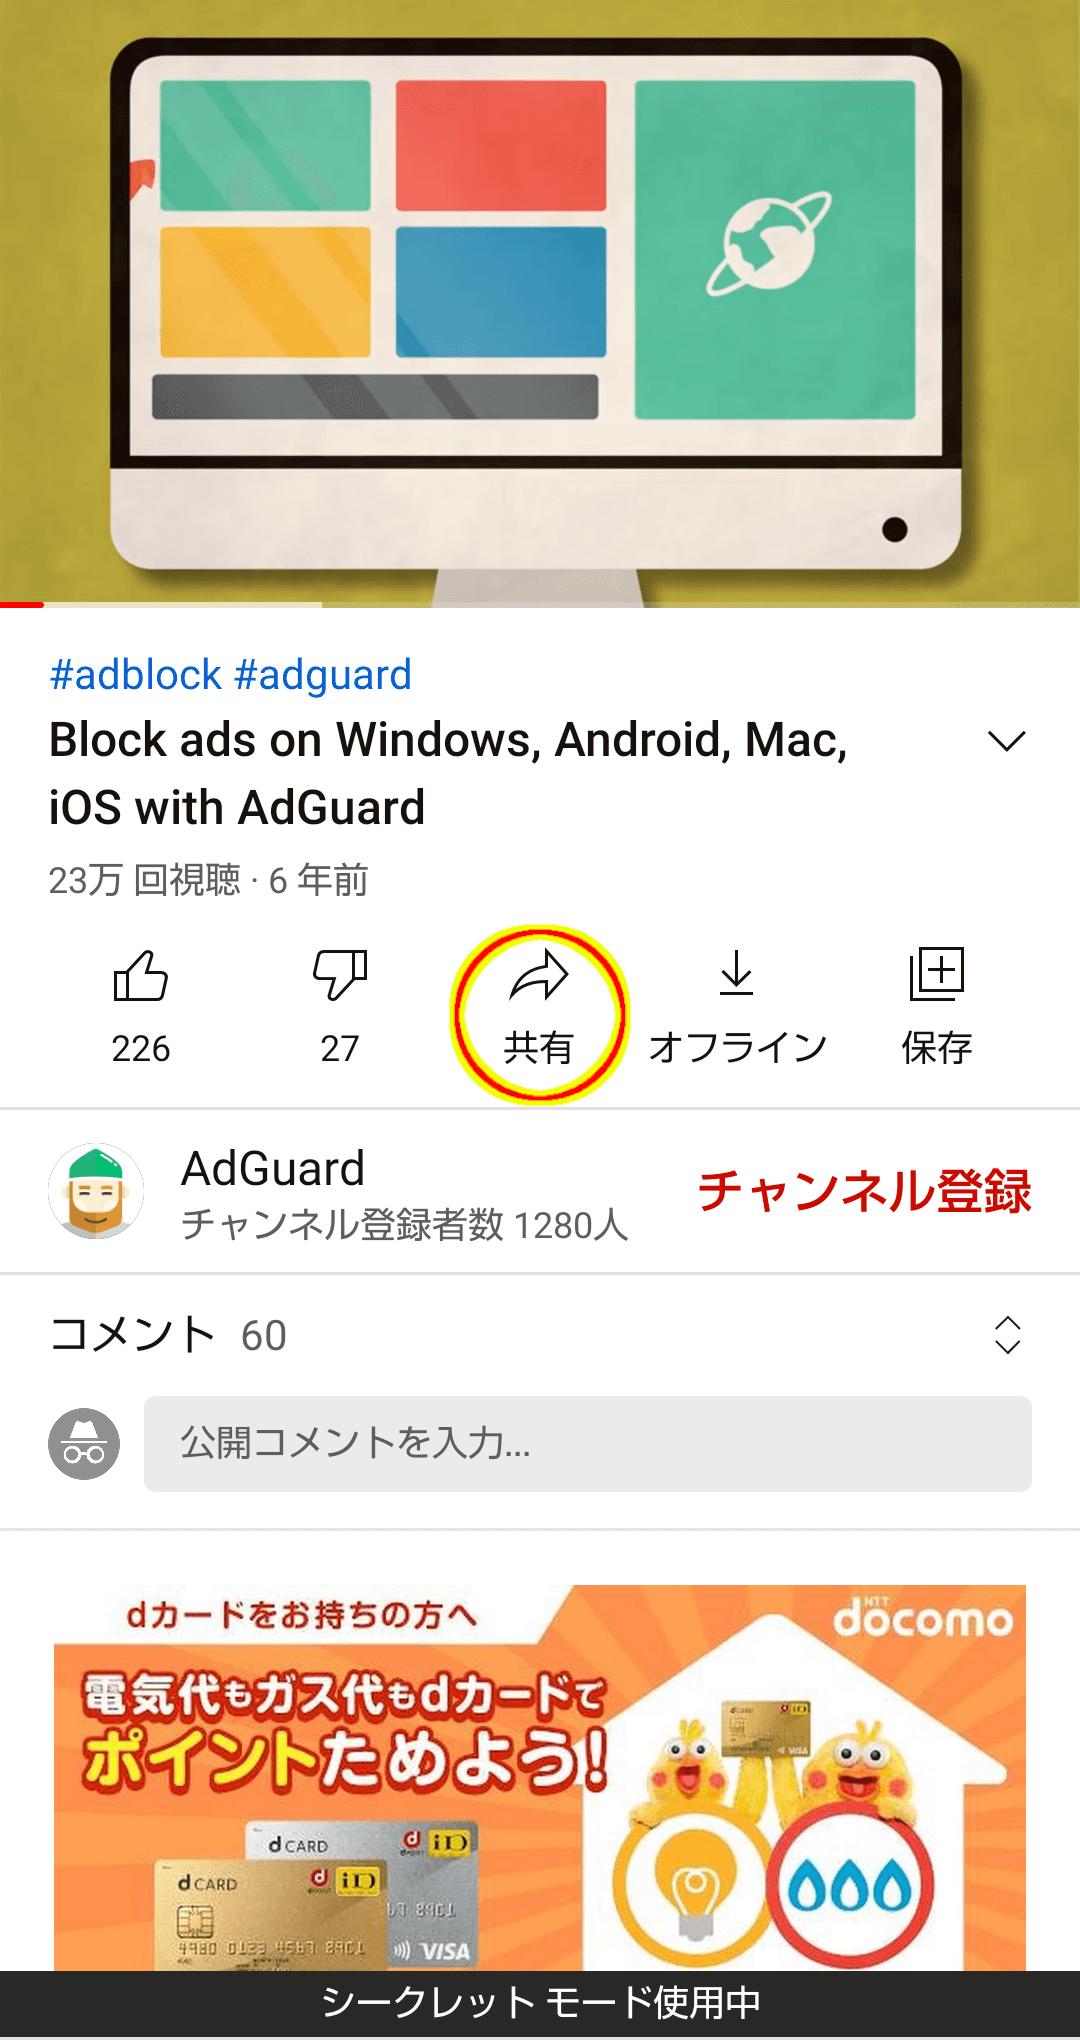 AdGuard6.png